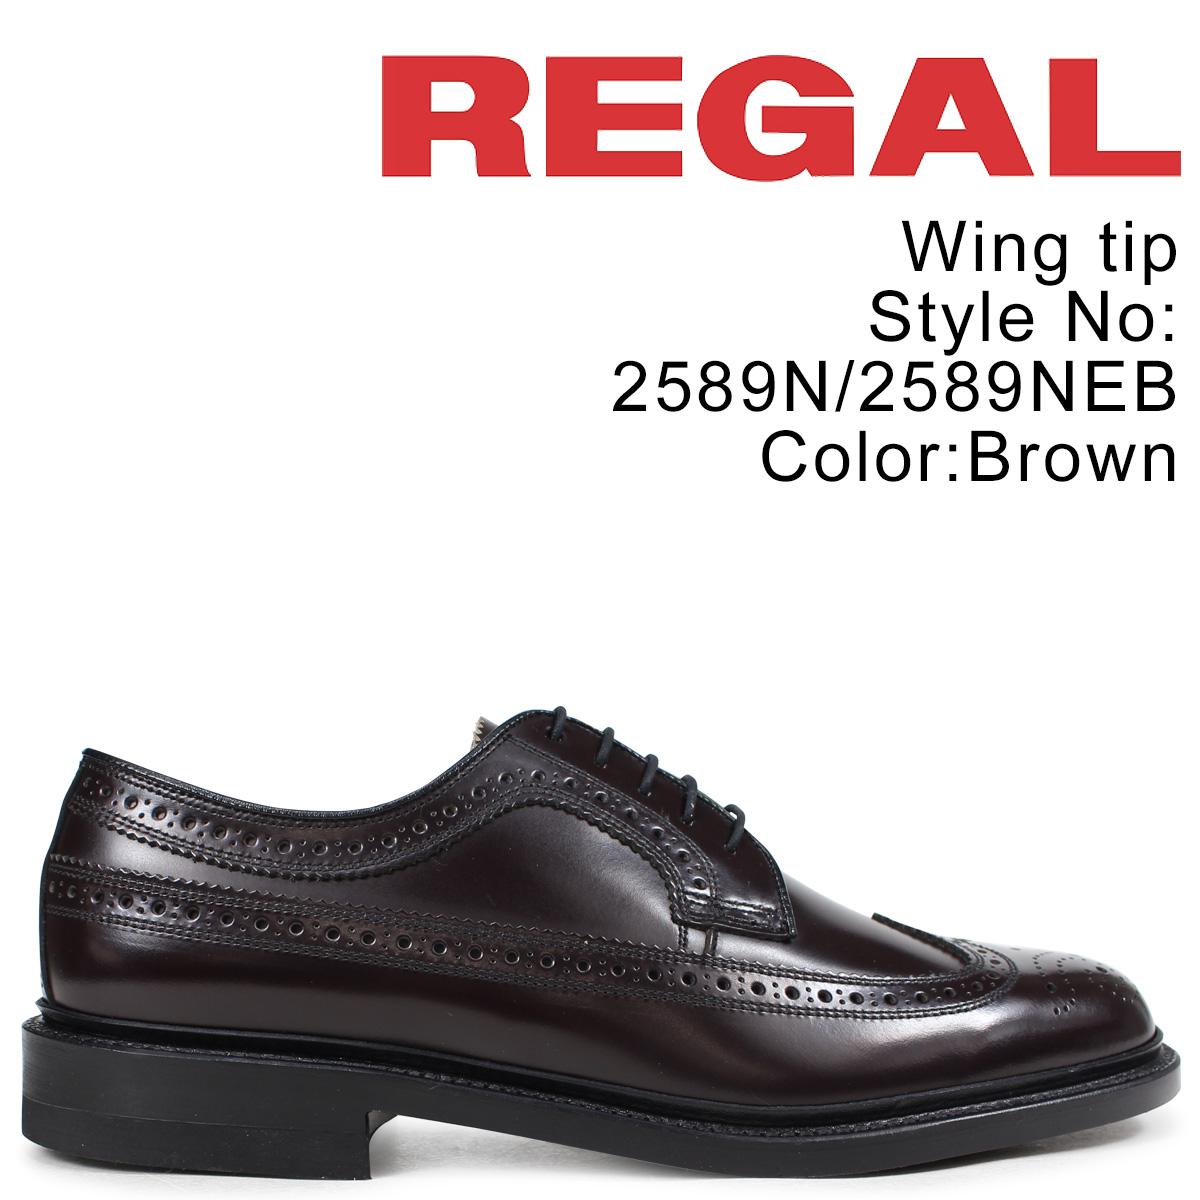 REGAL 靴 メンズ リーガル ウイングチップ ビジネスシューズ 日本製 ブラウン 2589N